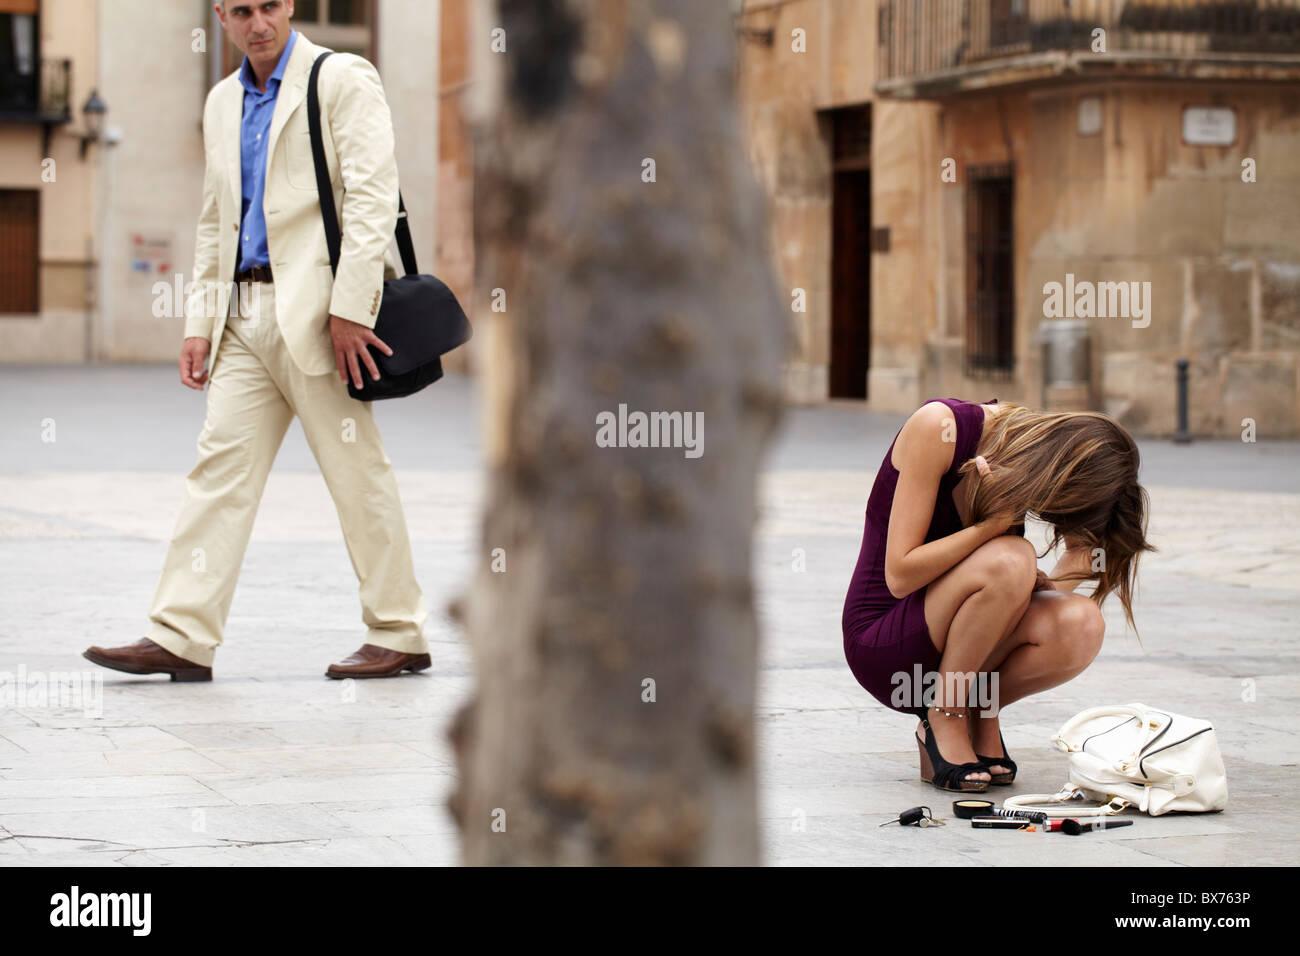 Femme pleurer sur les matières de sac renversé sur la rue, l'homme plus âgé marcher en la Photo Stock